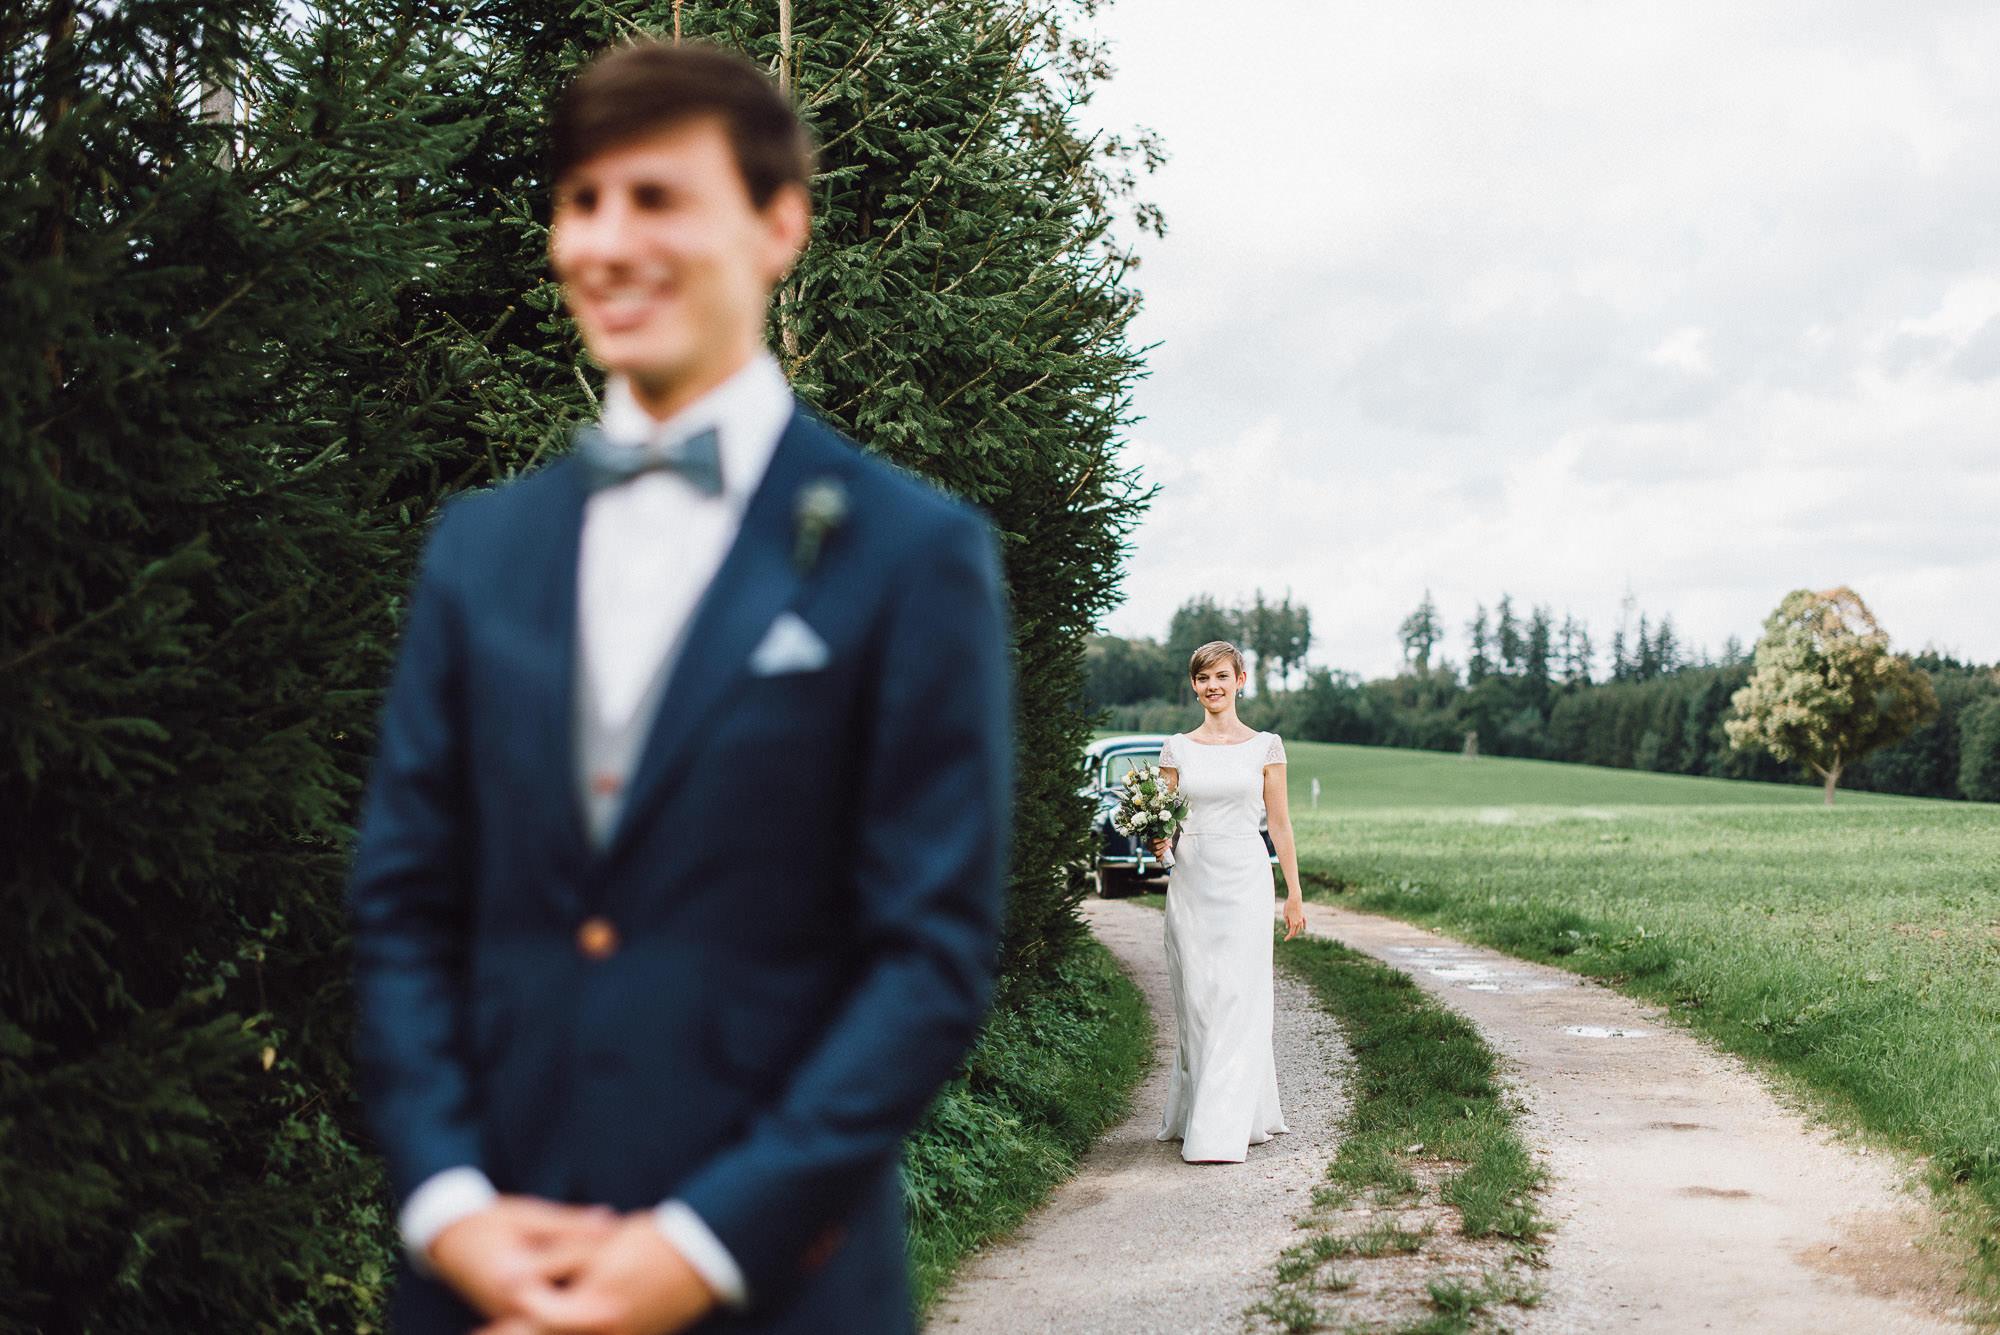 greenery-wedding-hochzeit-prielhof-sukkulenten-scheyern-lauraelenaphotography-018